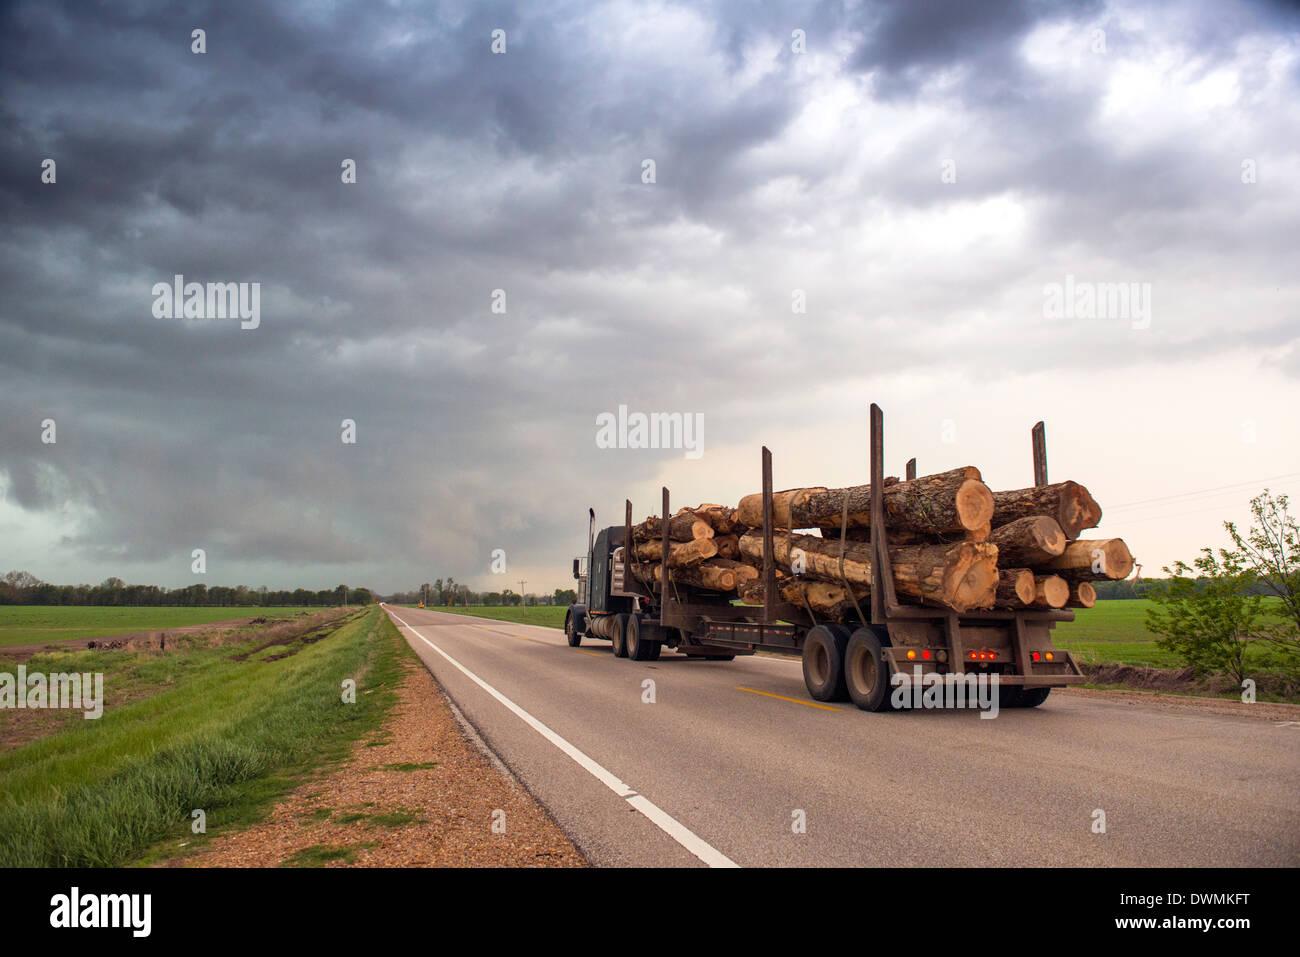 Dans le Mississippi de grumier roulant dans le coeur d'un orage, avec une veille de tornade, États-Unis d'Amérique Photo Stock